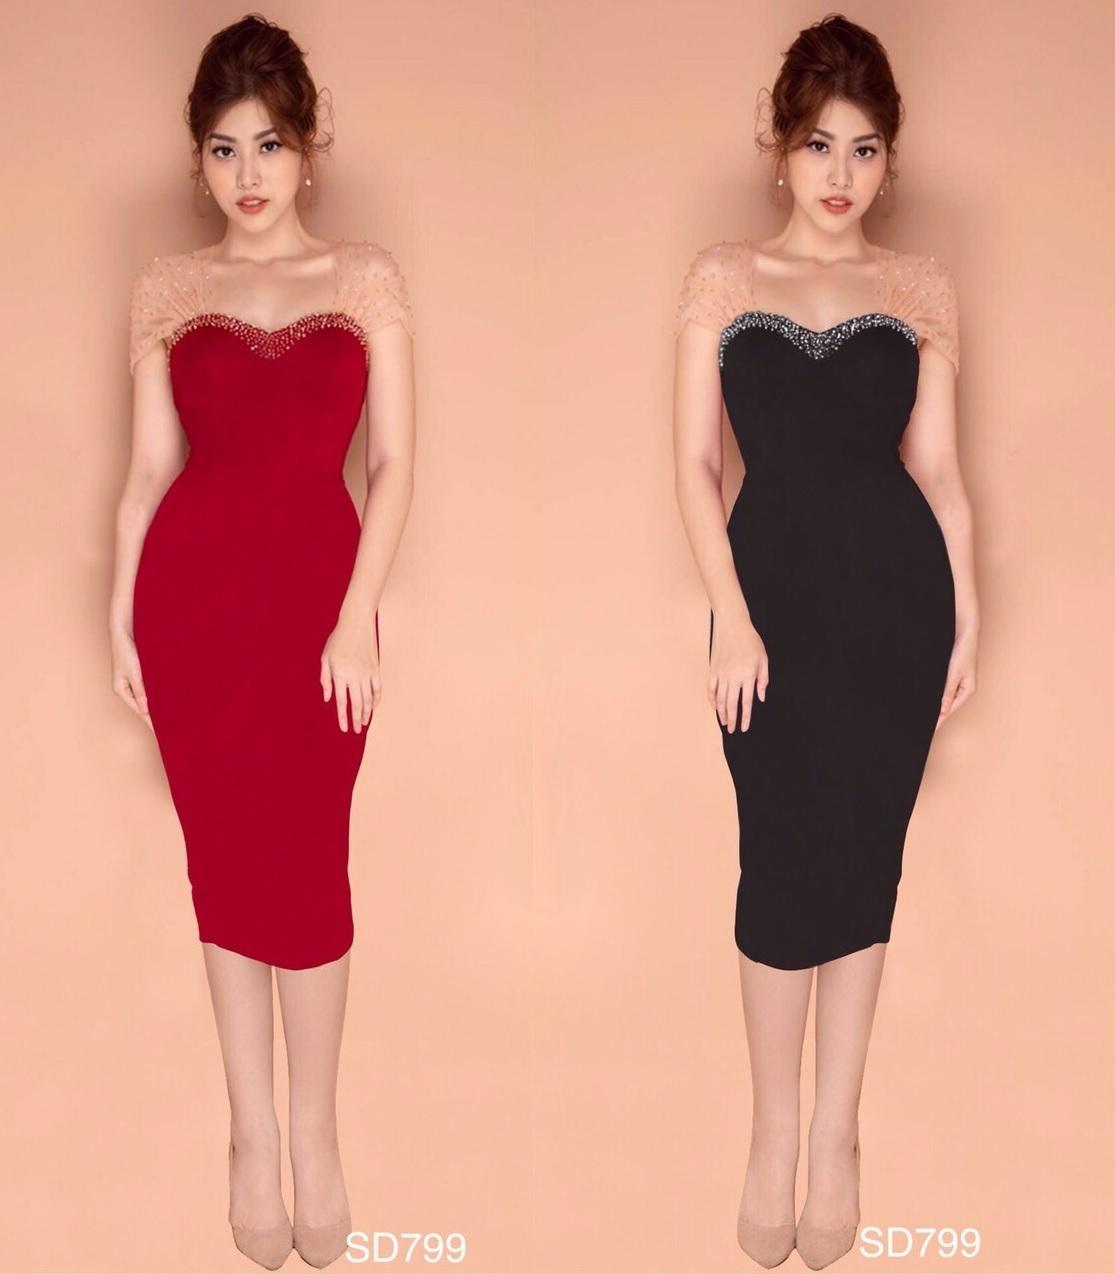 Đầm ôm body dự tiệc đẹp trái tim sang trọng 2 màu đen đỏ